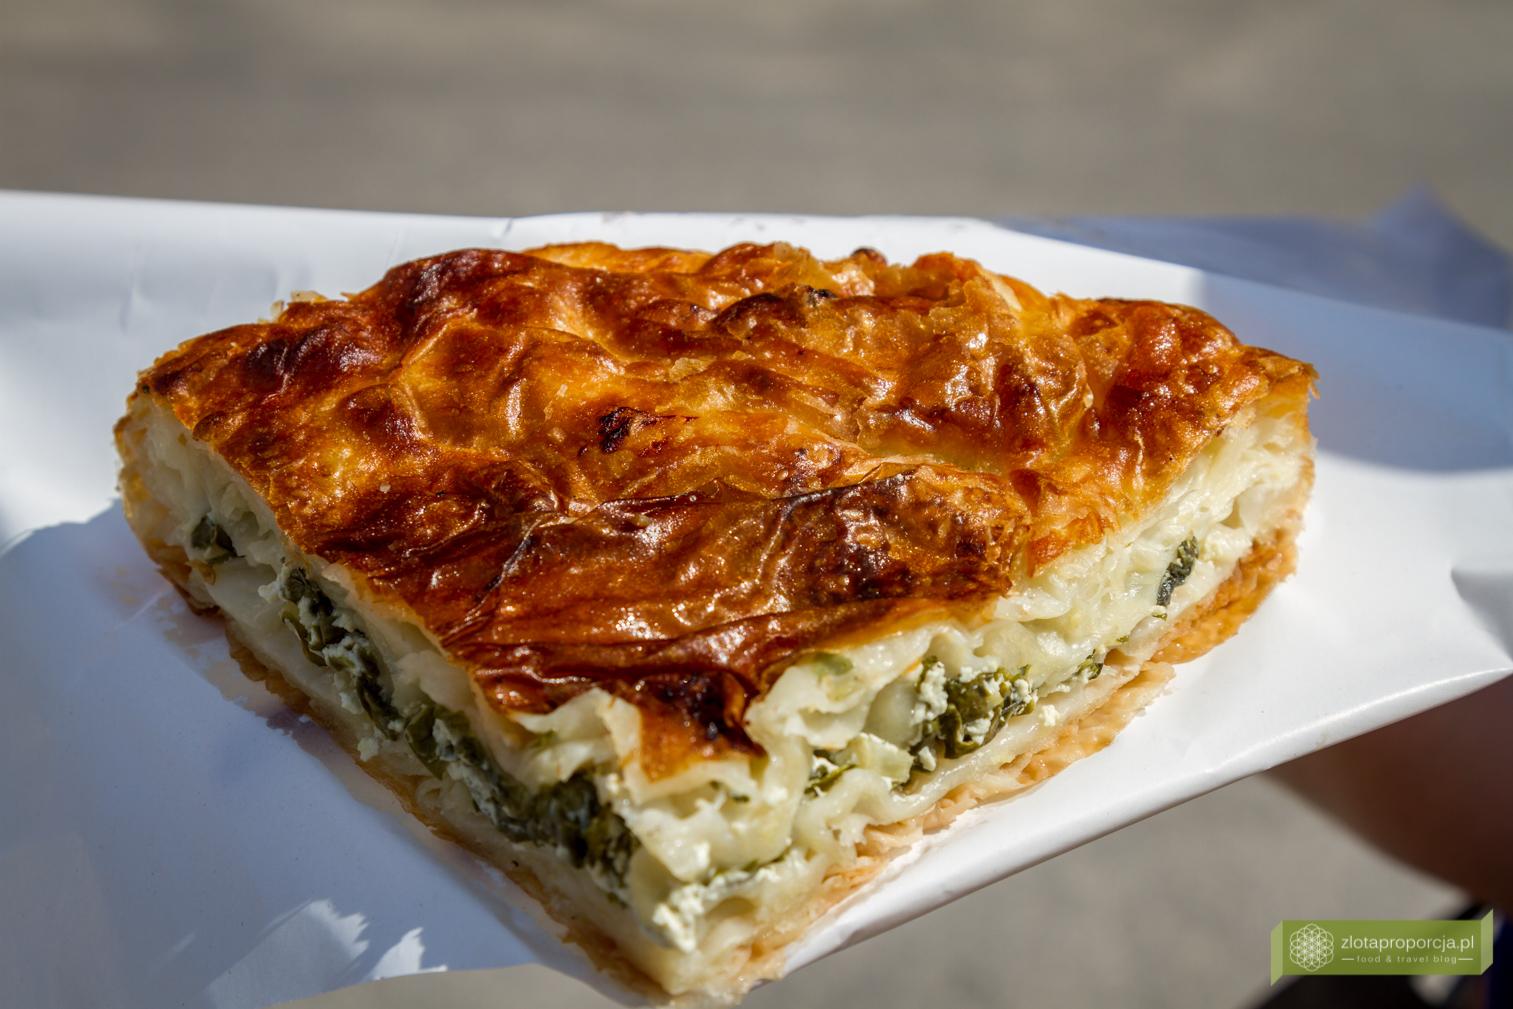 kuchnia chorwacka, kuchnia Istrii, Istria, co zjeść na Istrii, burek